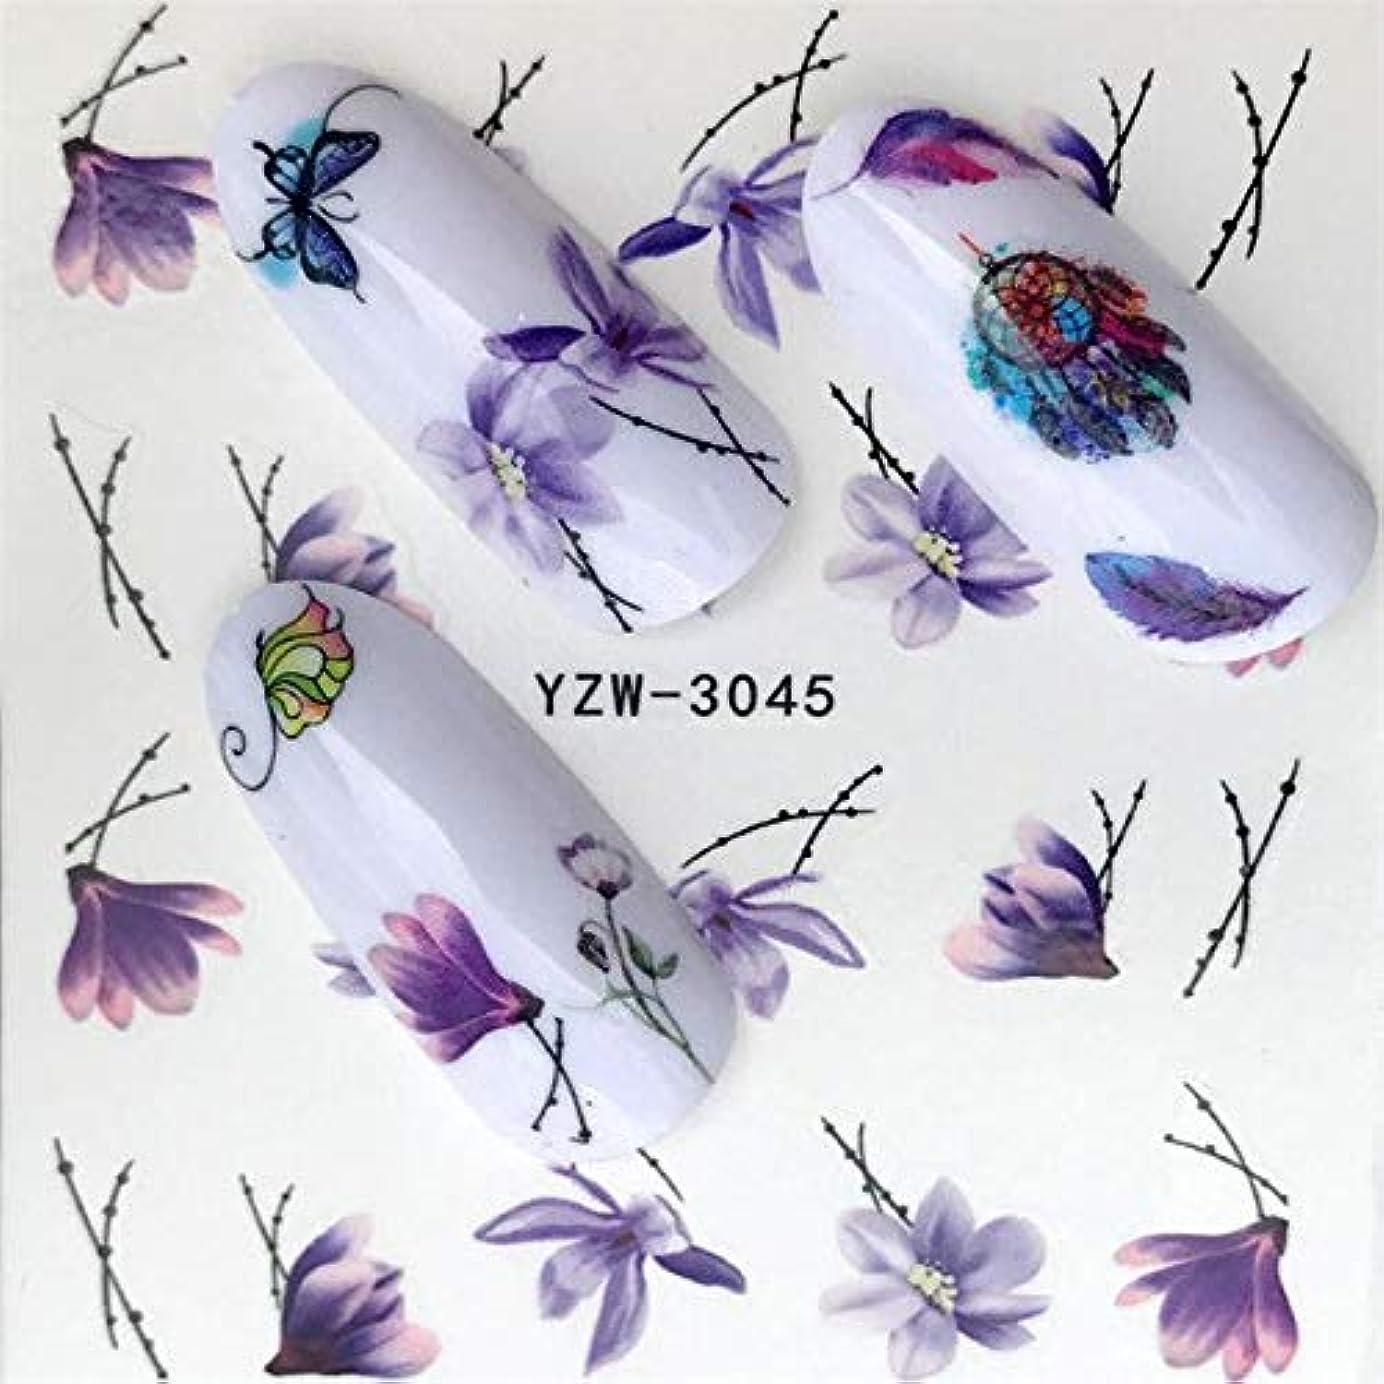 開始タールシンカンSUKTI&XIAO ネイルステッカー 1ピースホットデザインウォーターパープル美しい花ステッカーネイルアートステッカーネイル箔用diyマニキュア装飾